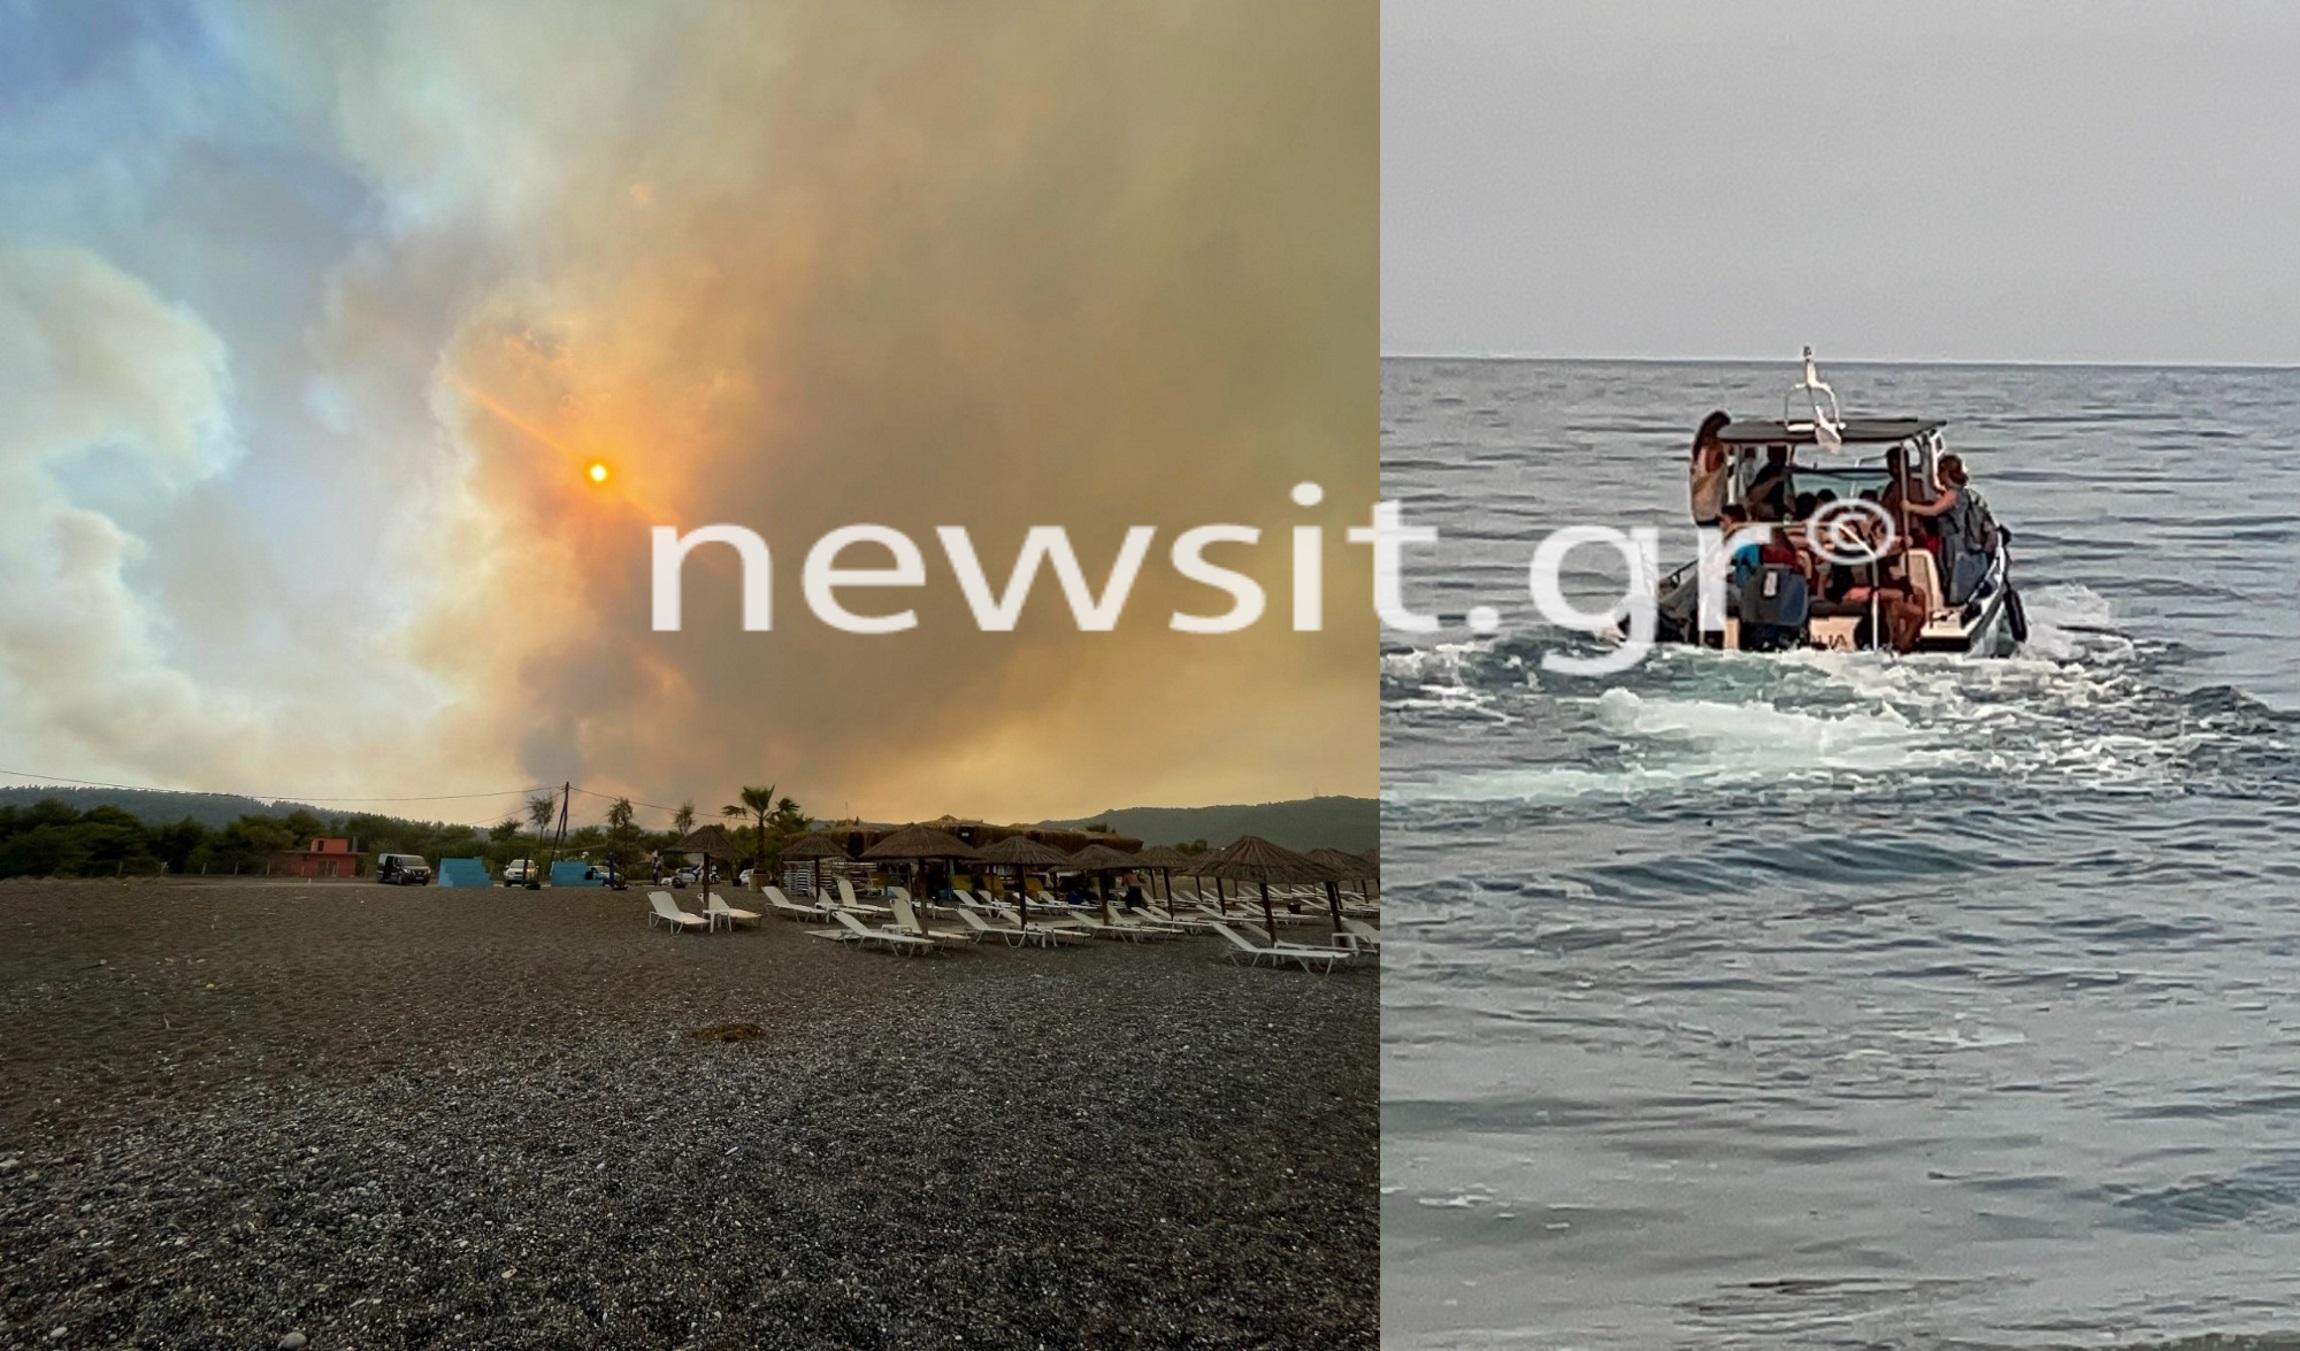 Φωτιά στην Εύβοια: Το Newsit.gr στην Αγία Άννα – Καρέ καρέ η εκκένωση του κάμπινγκ